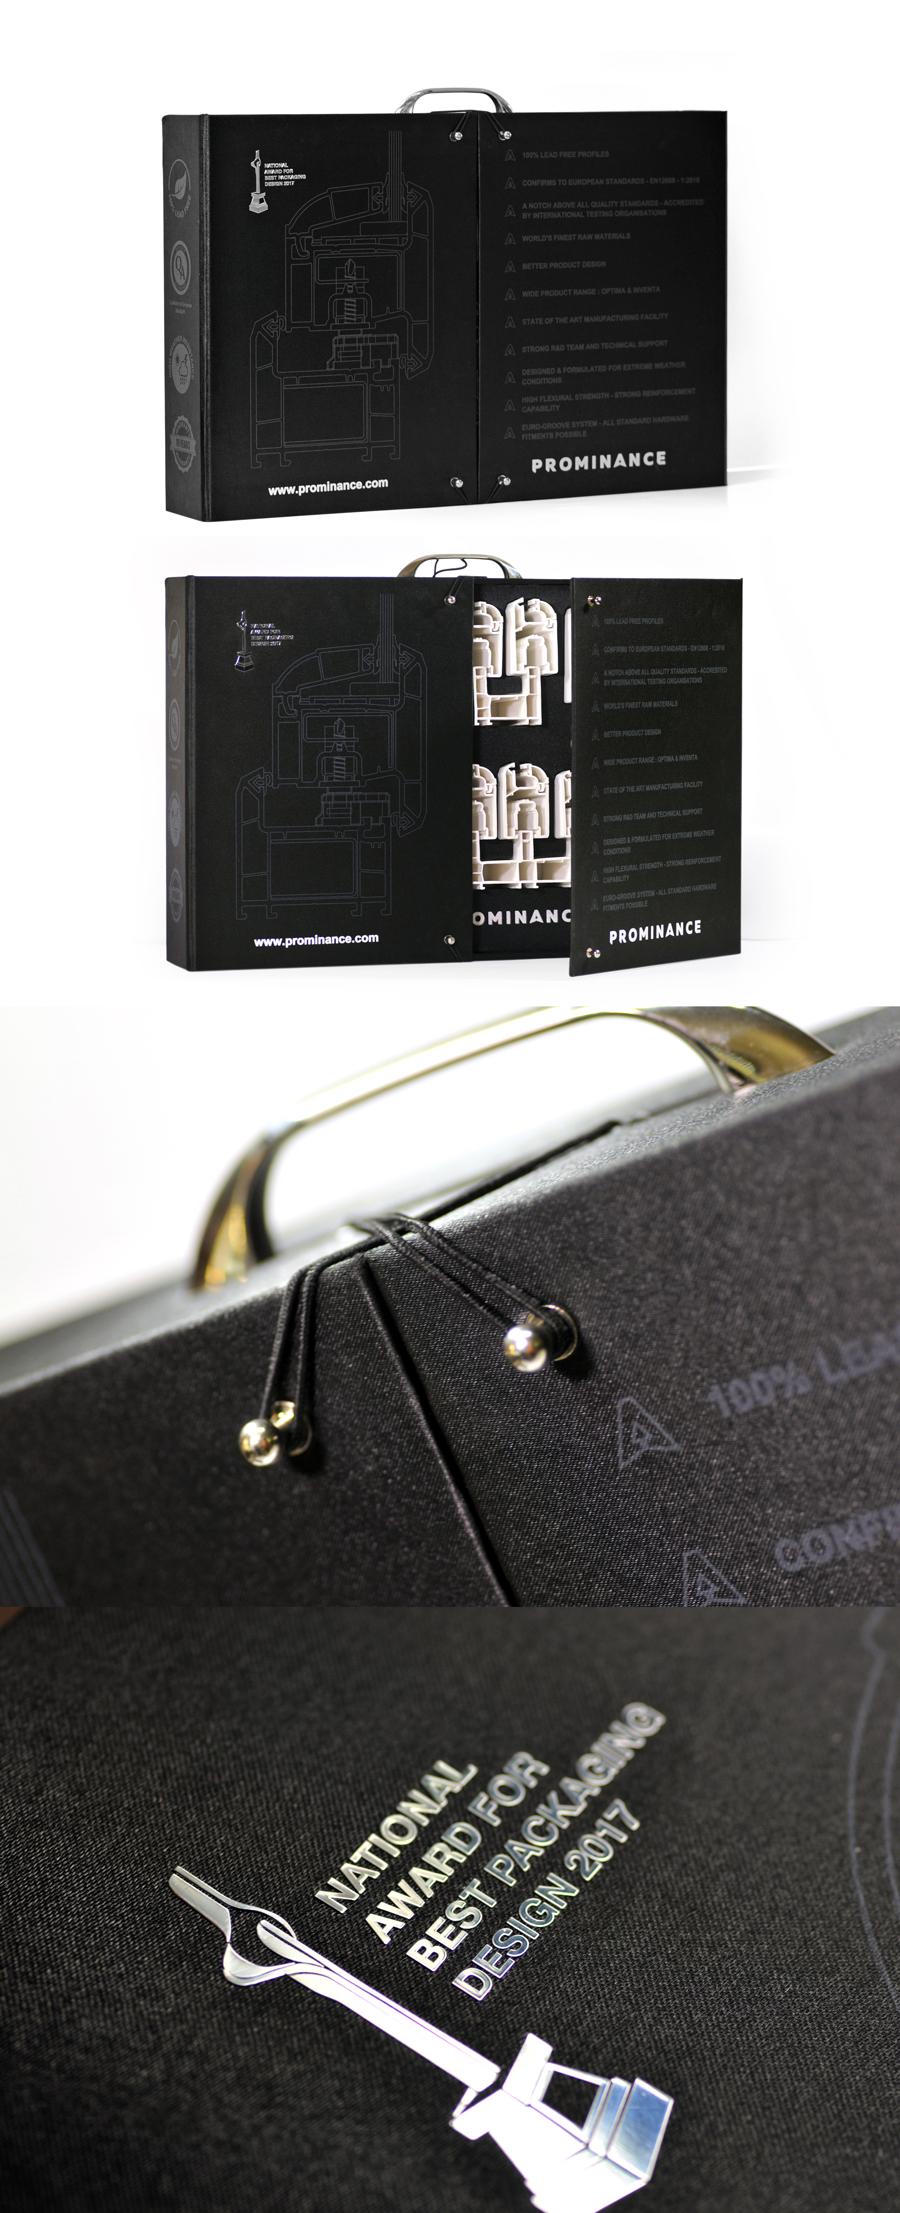 Prominance-Box